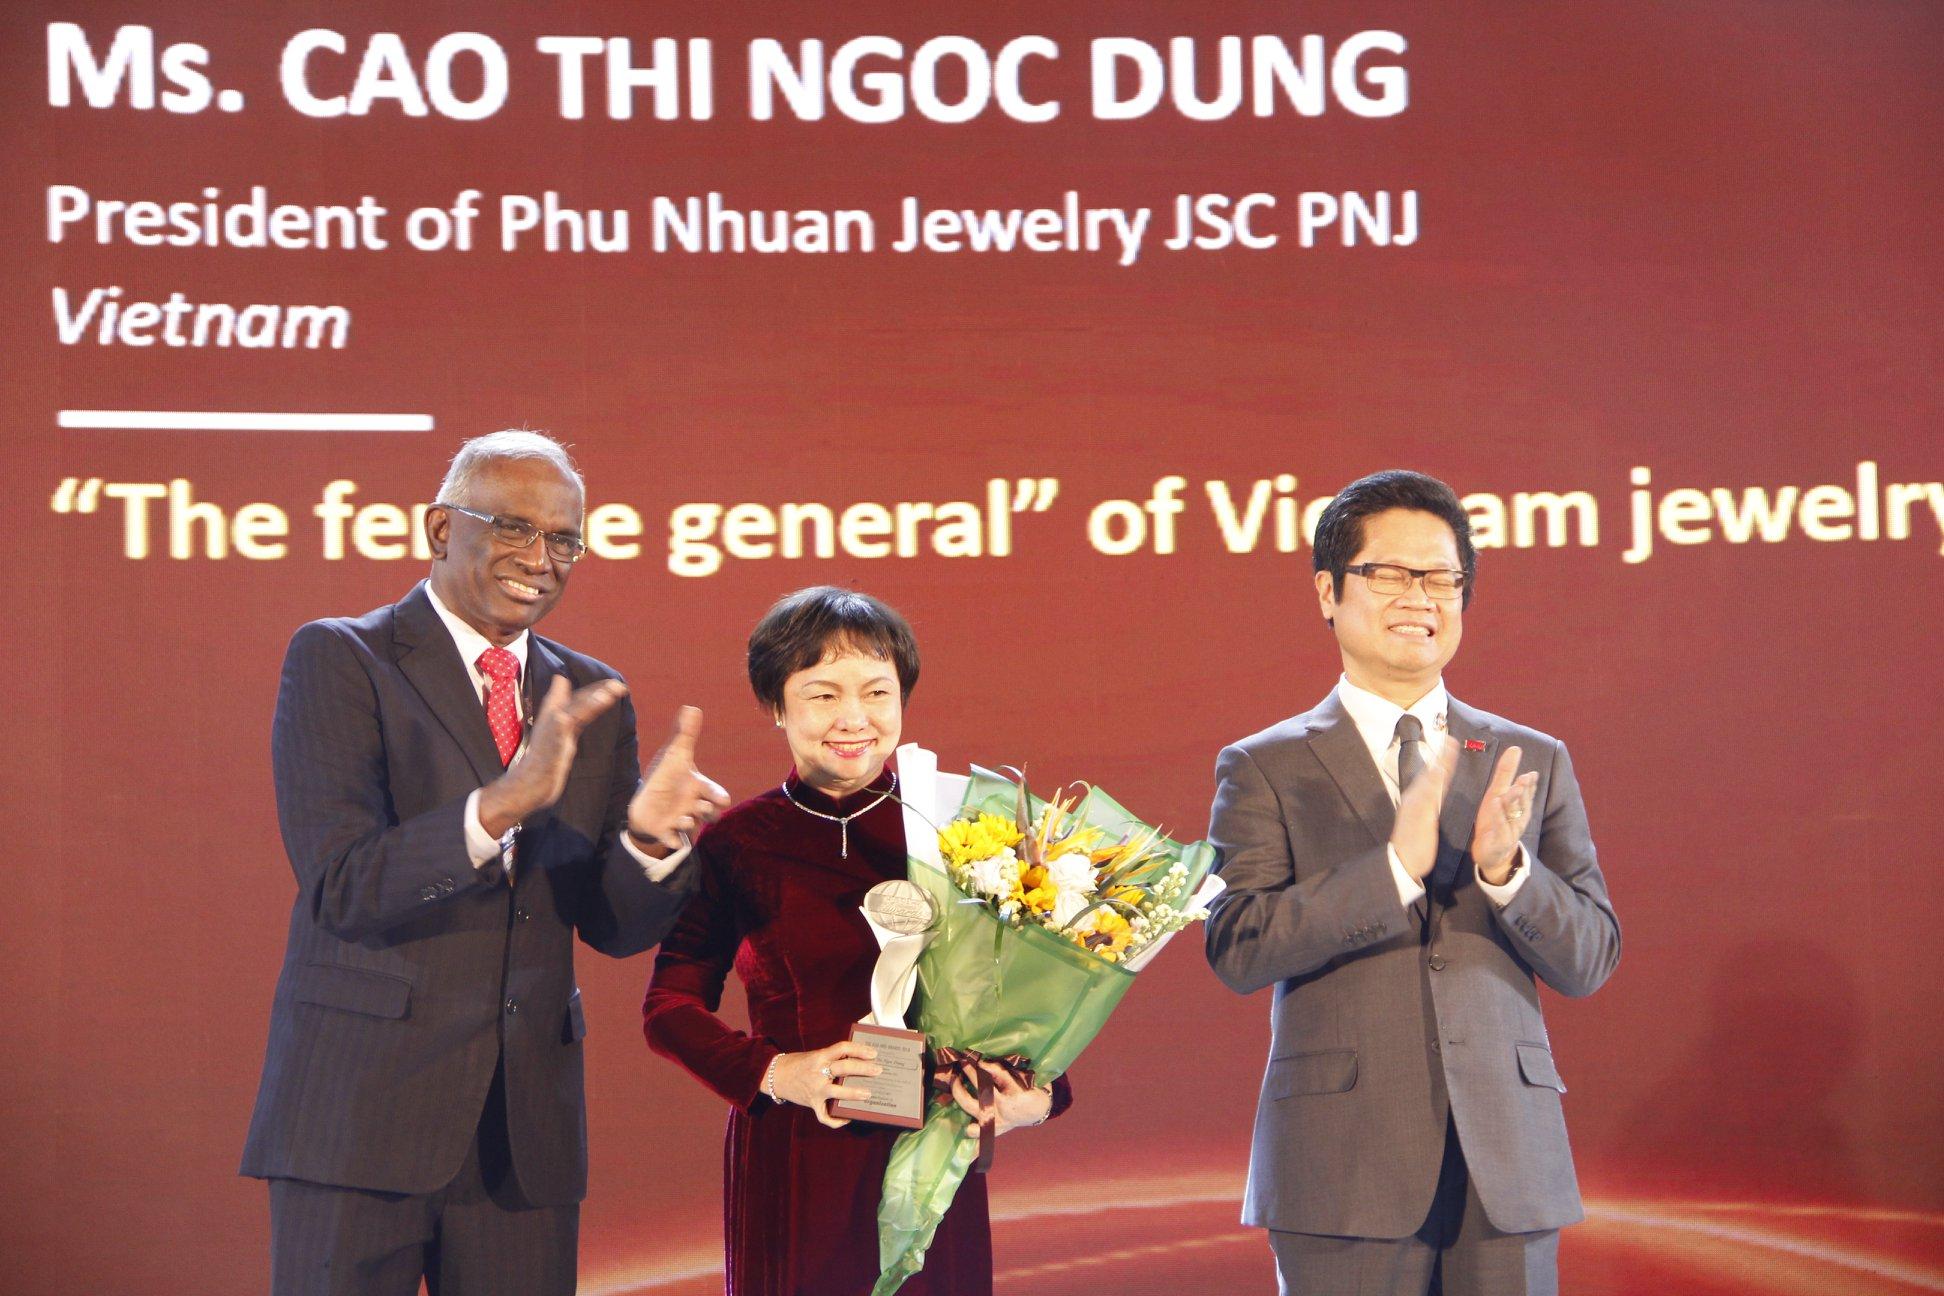 Chủ Tịch HĐQT PNJ Cao Thị Ngọc Dung Được Vinh Danh Giải Thưởng ASIA HRD AWARD